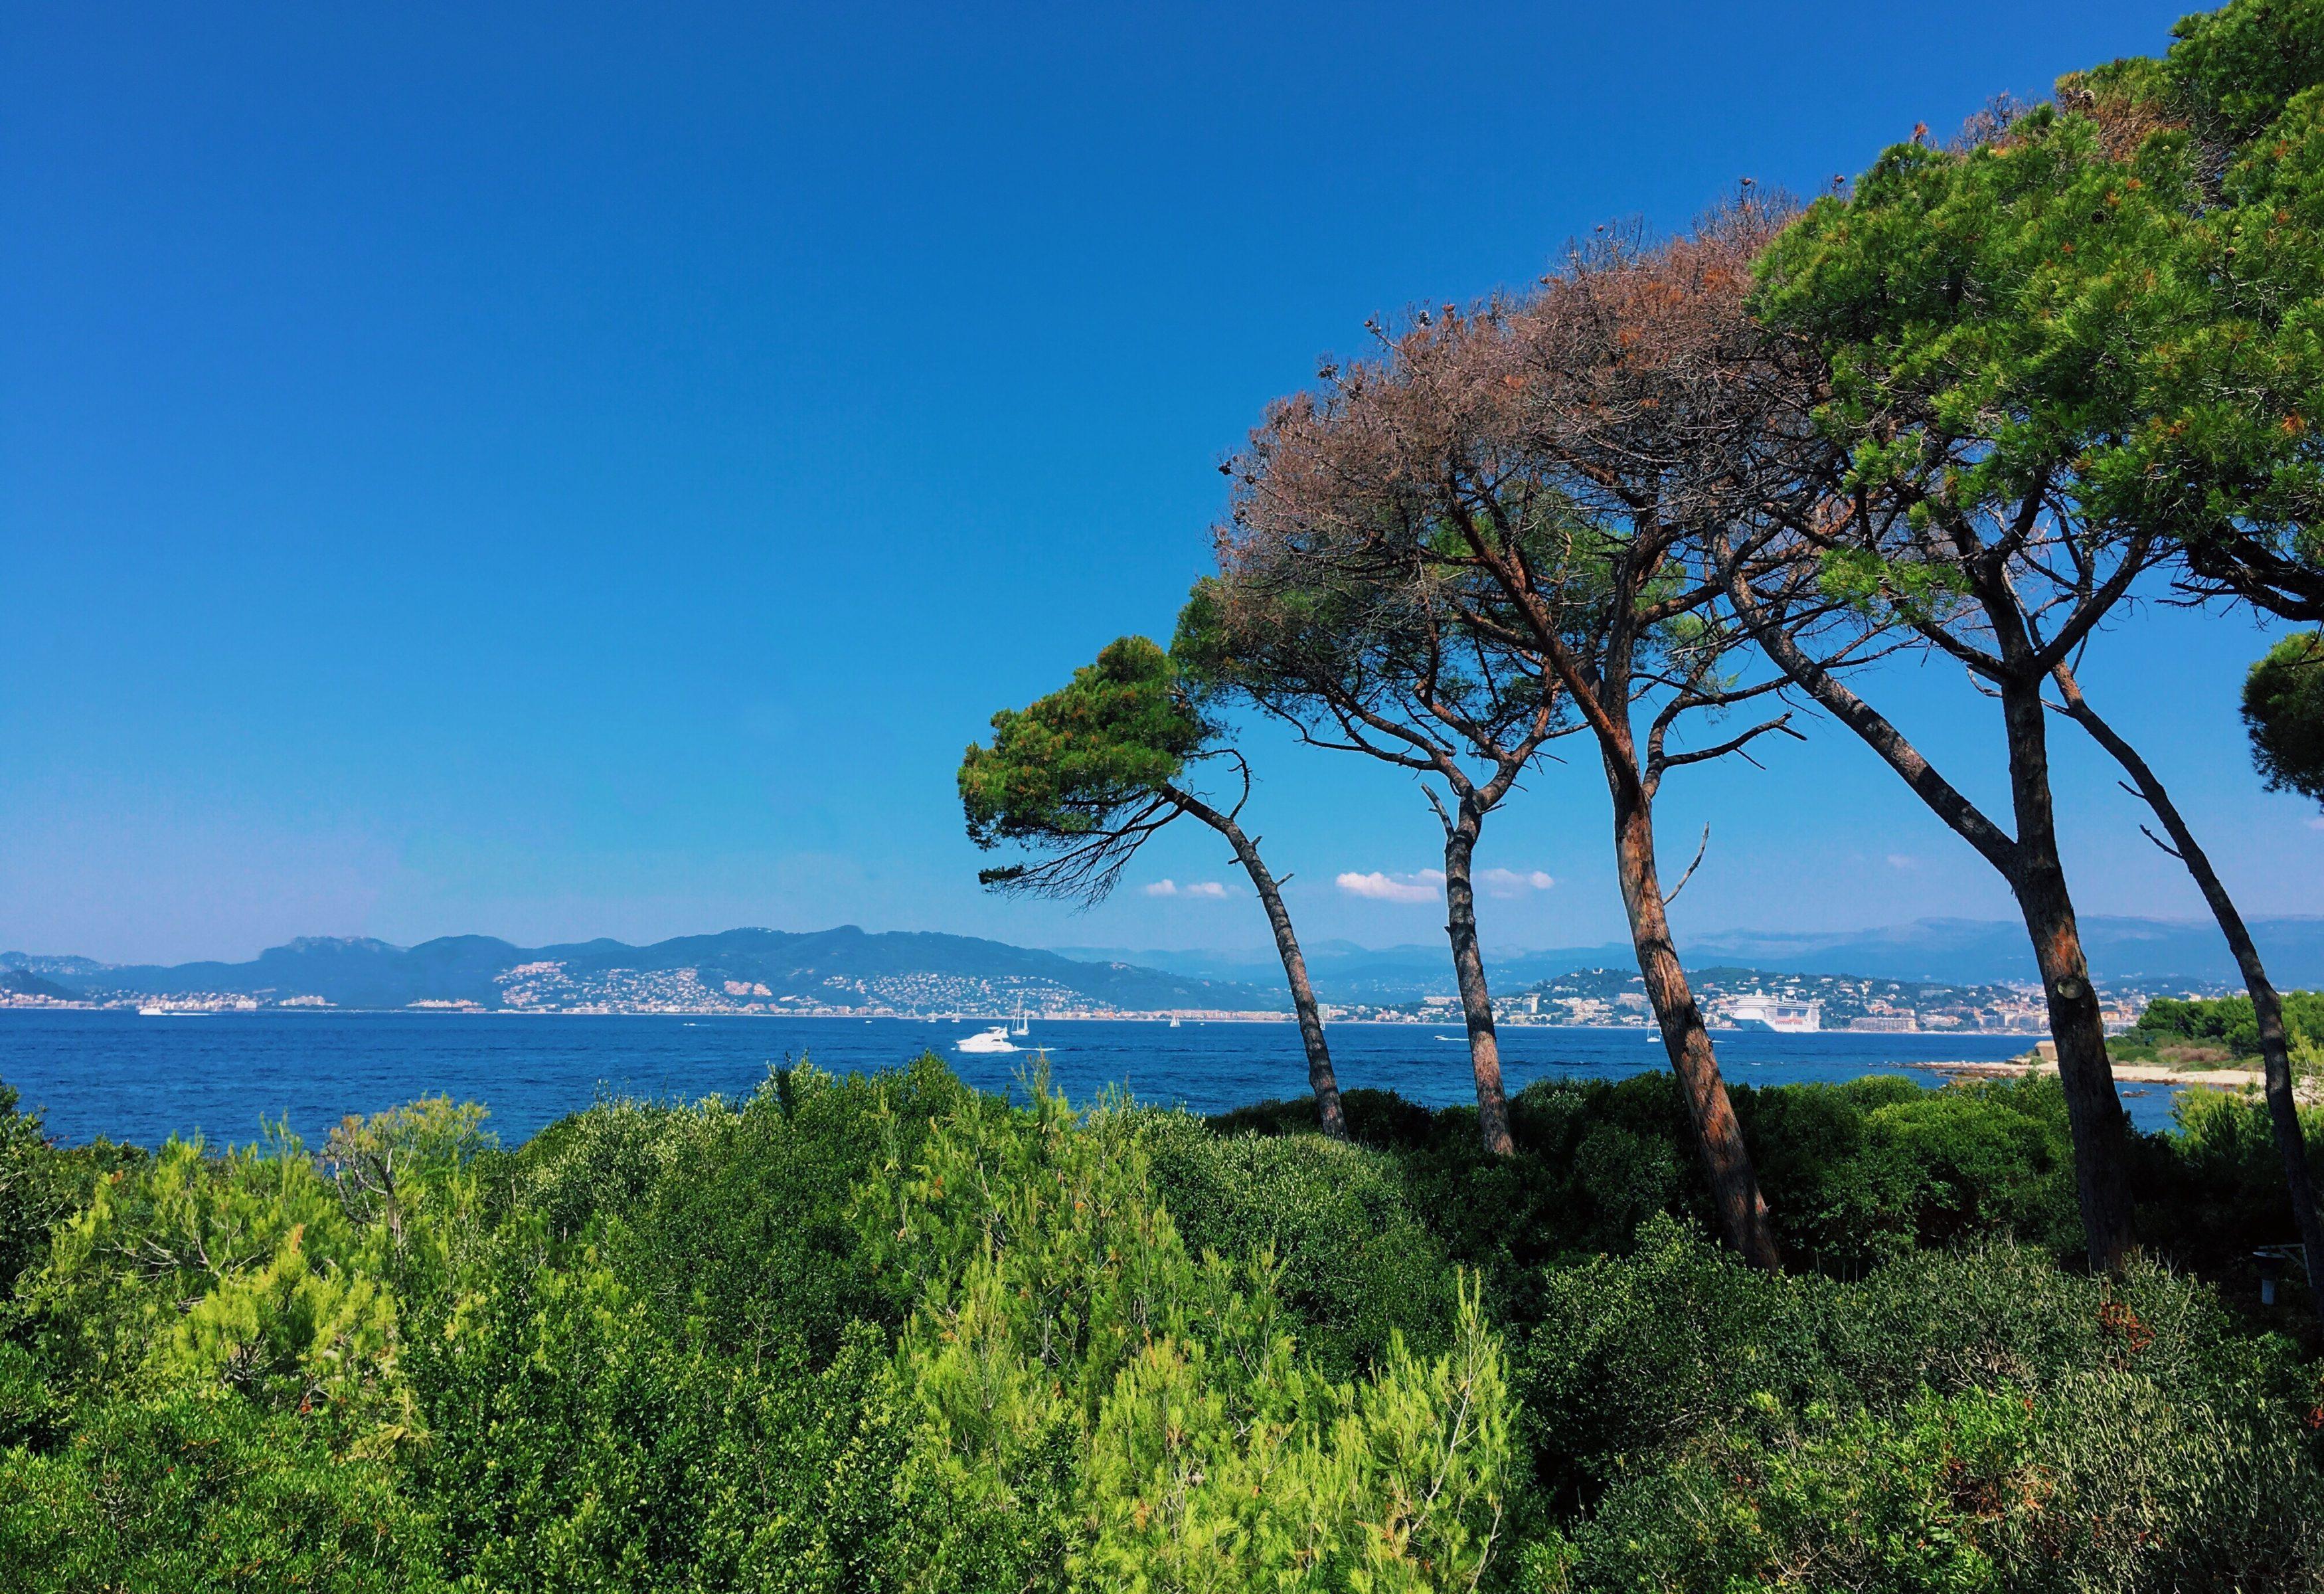 ile-sainte-marguerite-une-semaine-a-nice-blog-voyage-les-ptits-touristes-3